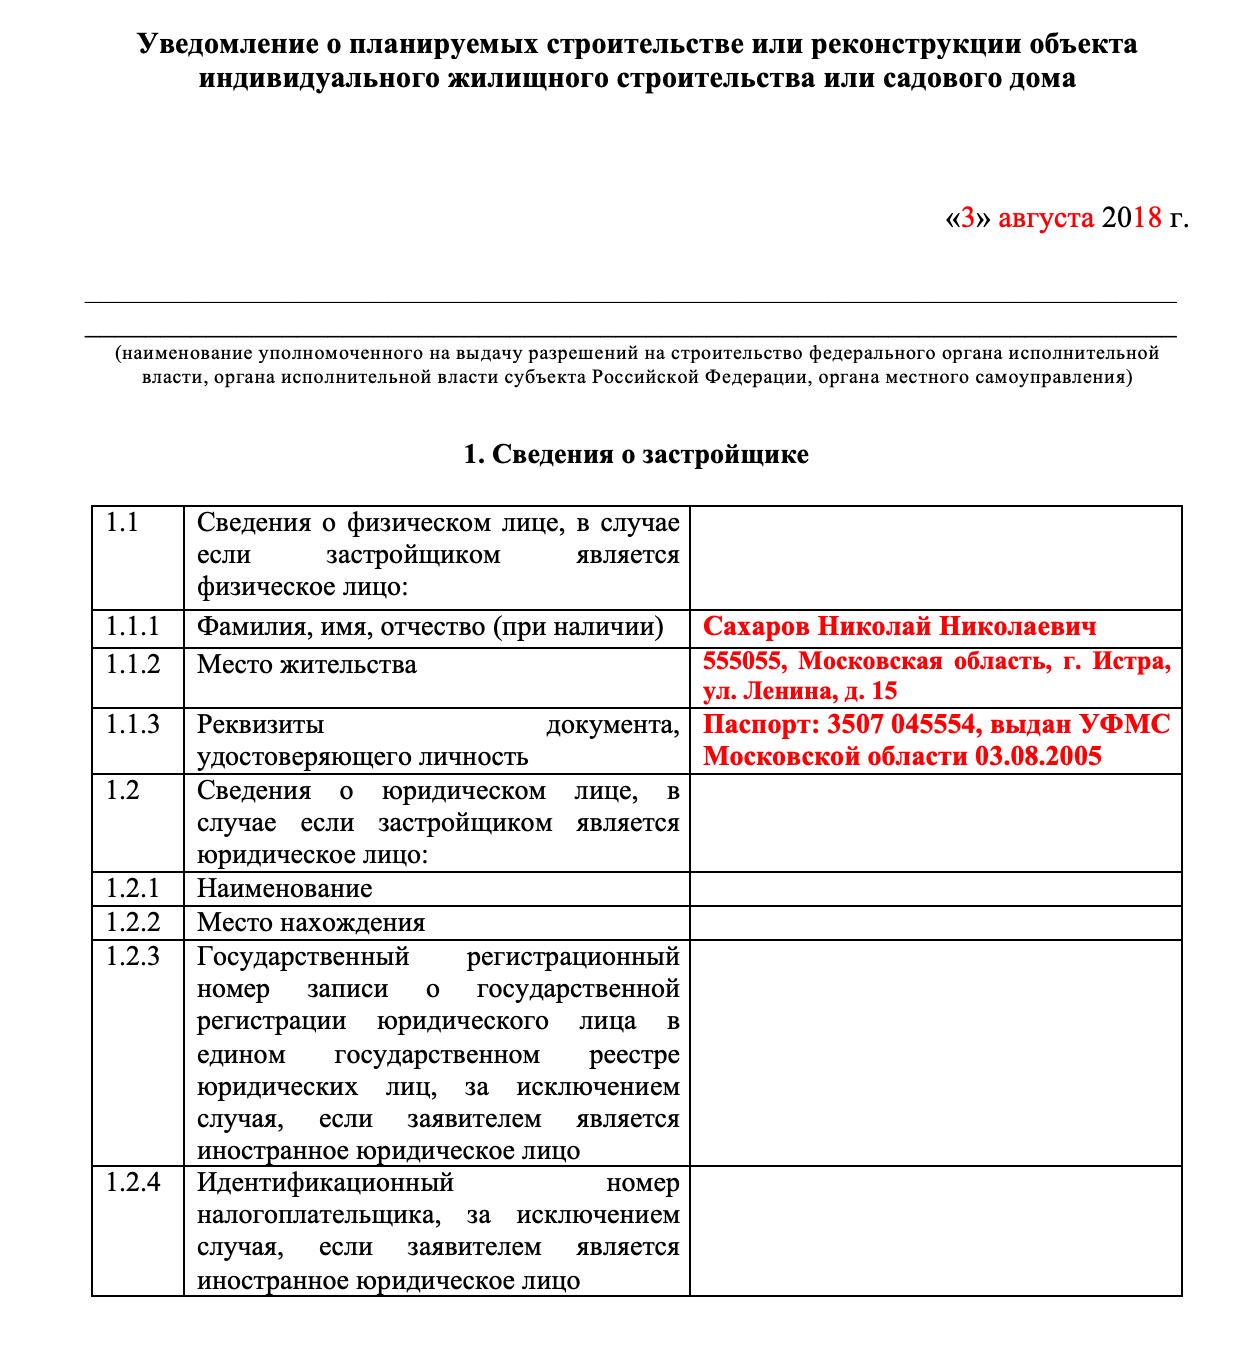 оформление разрешения на строительство